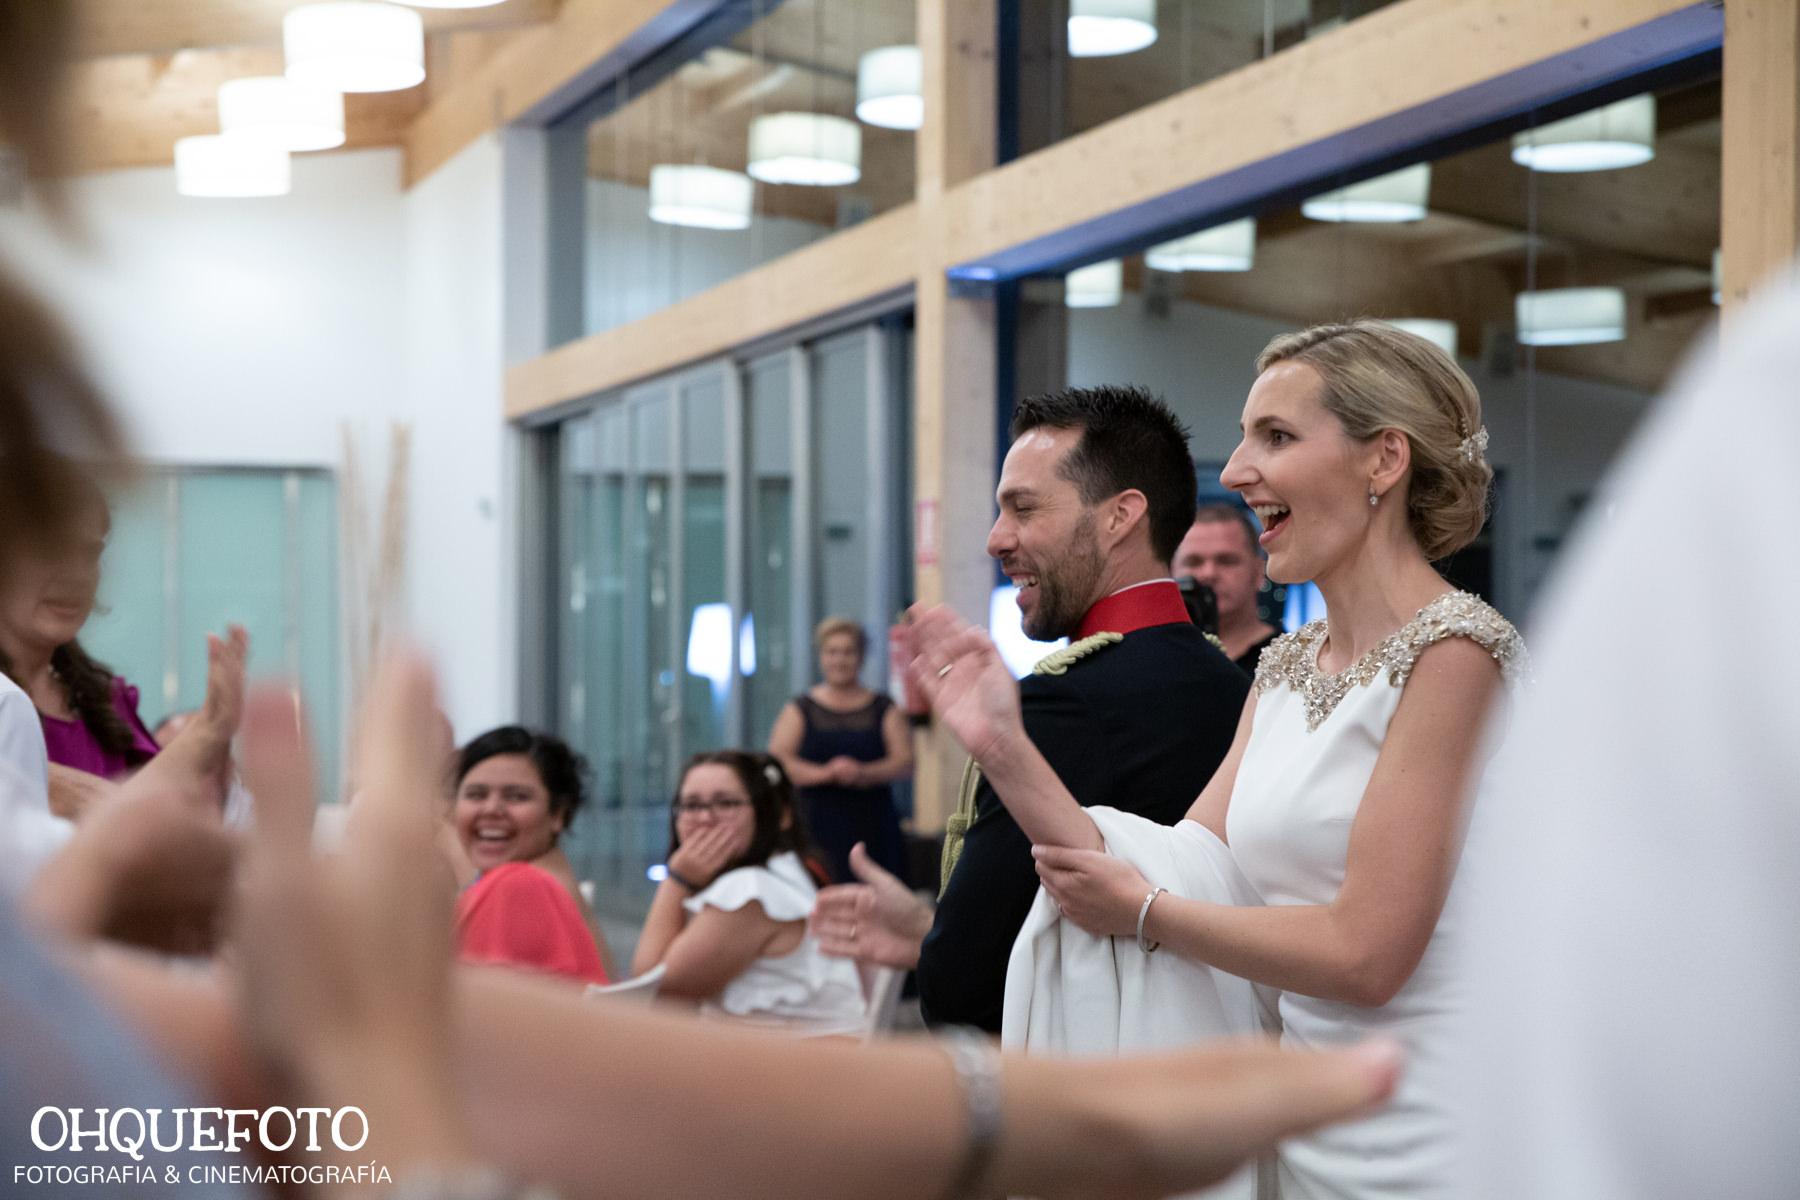 boda en la peraleda boda en cabeza del buey boda en capilla reportaje de bodas en almaden video de bodas en cordoba484 - Jose y Gema - Boda en Zarza Capilla y la Finca La Peraleda (Chillón)